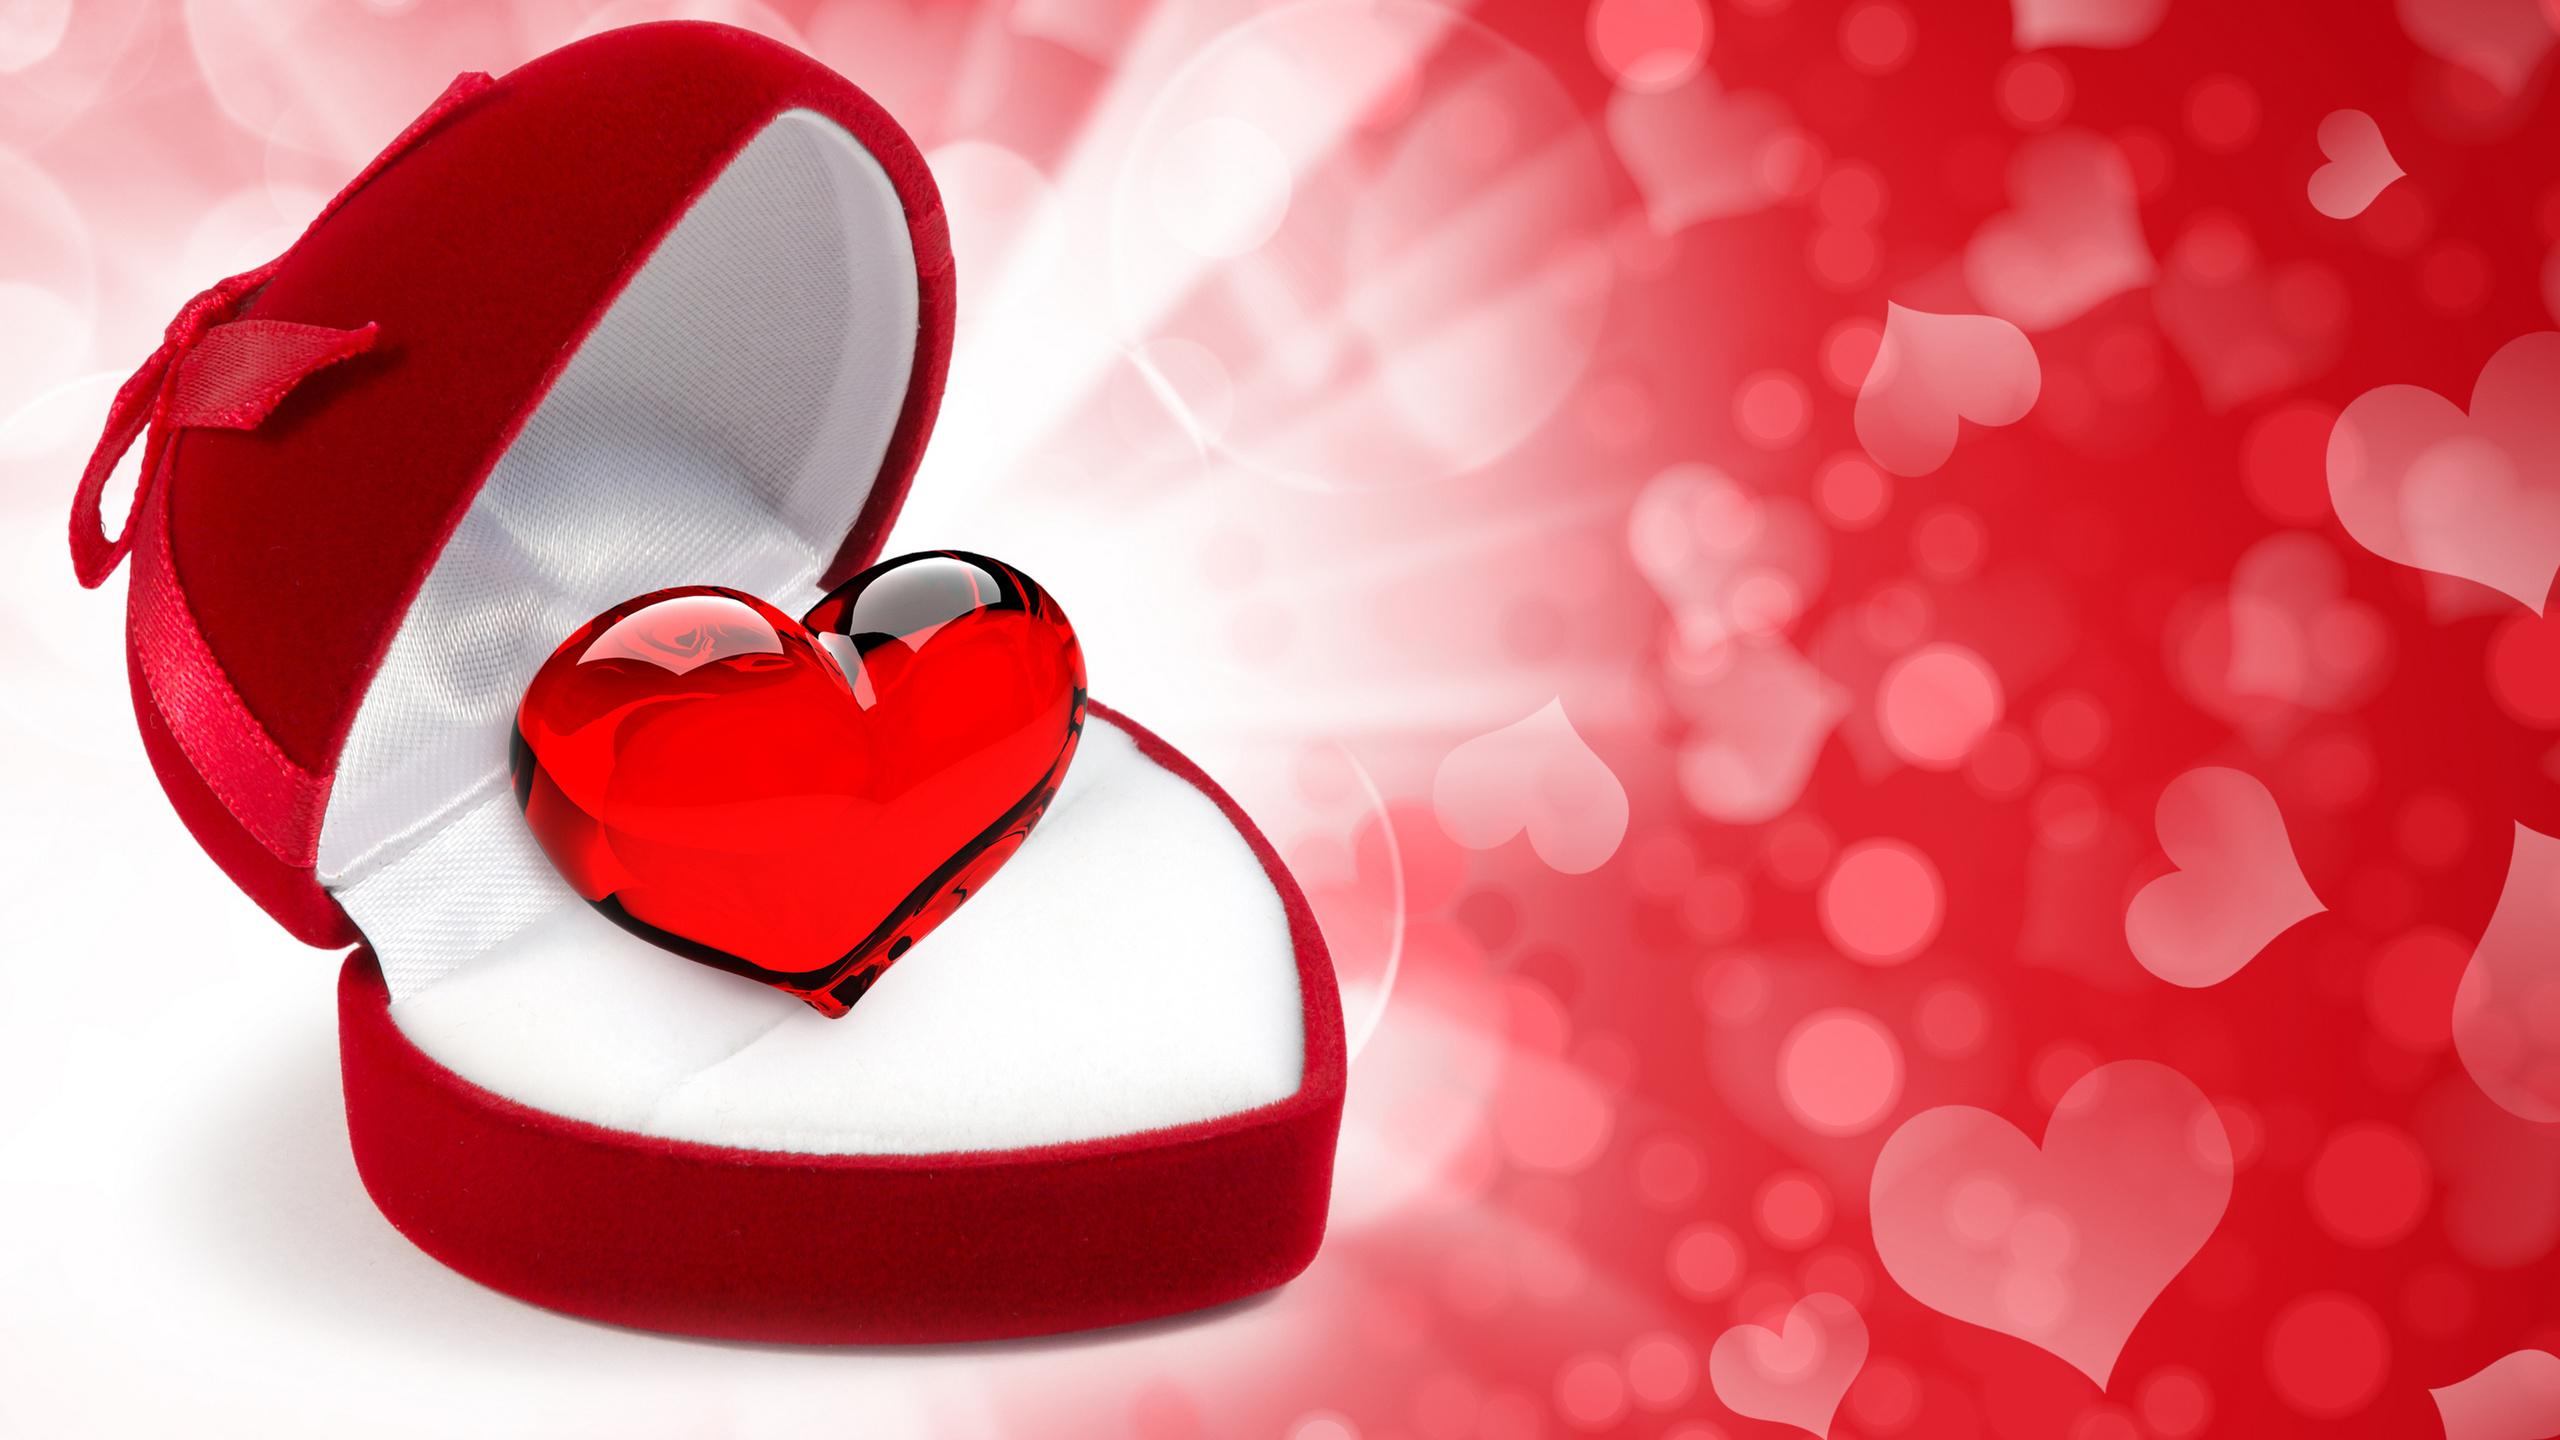 Безопасности уроках, день святого валентина открытки с сердечками